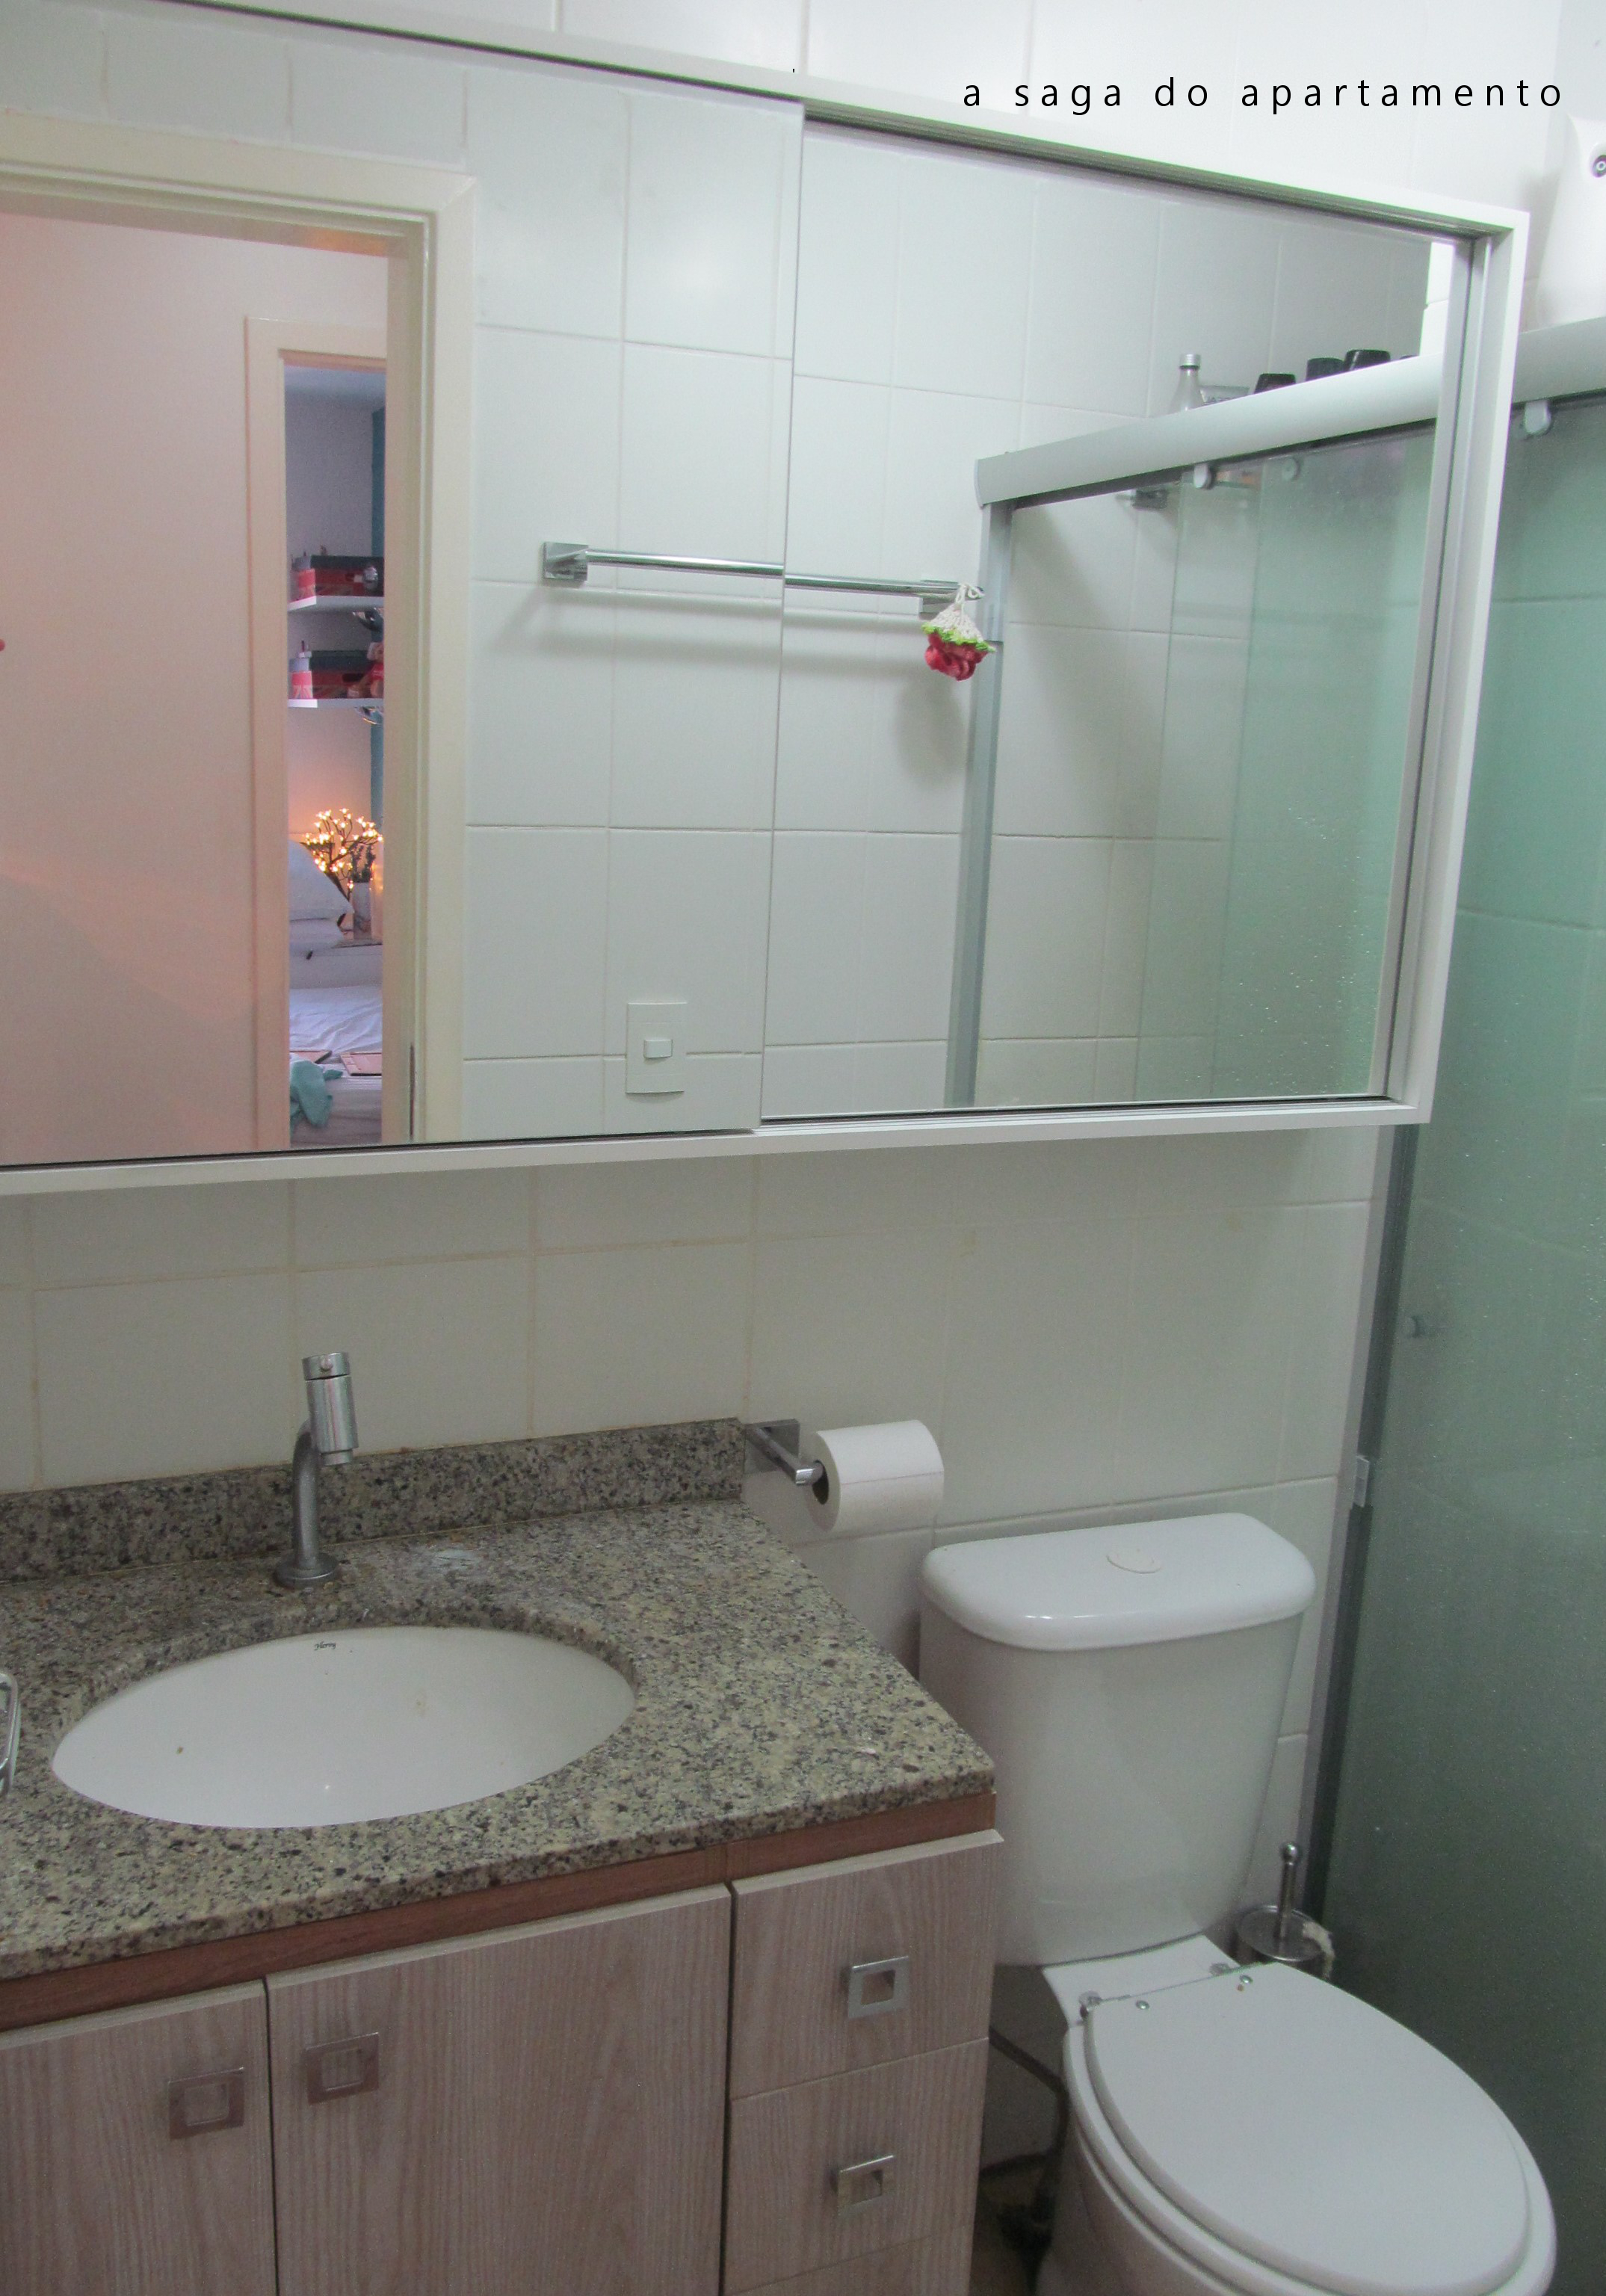 Banheiro: Armário superior com espelho duplo e portas de correr a #745E57 2149 3072